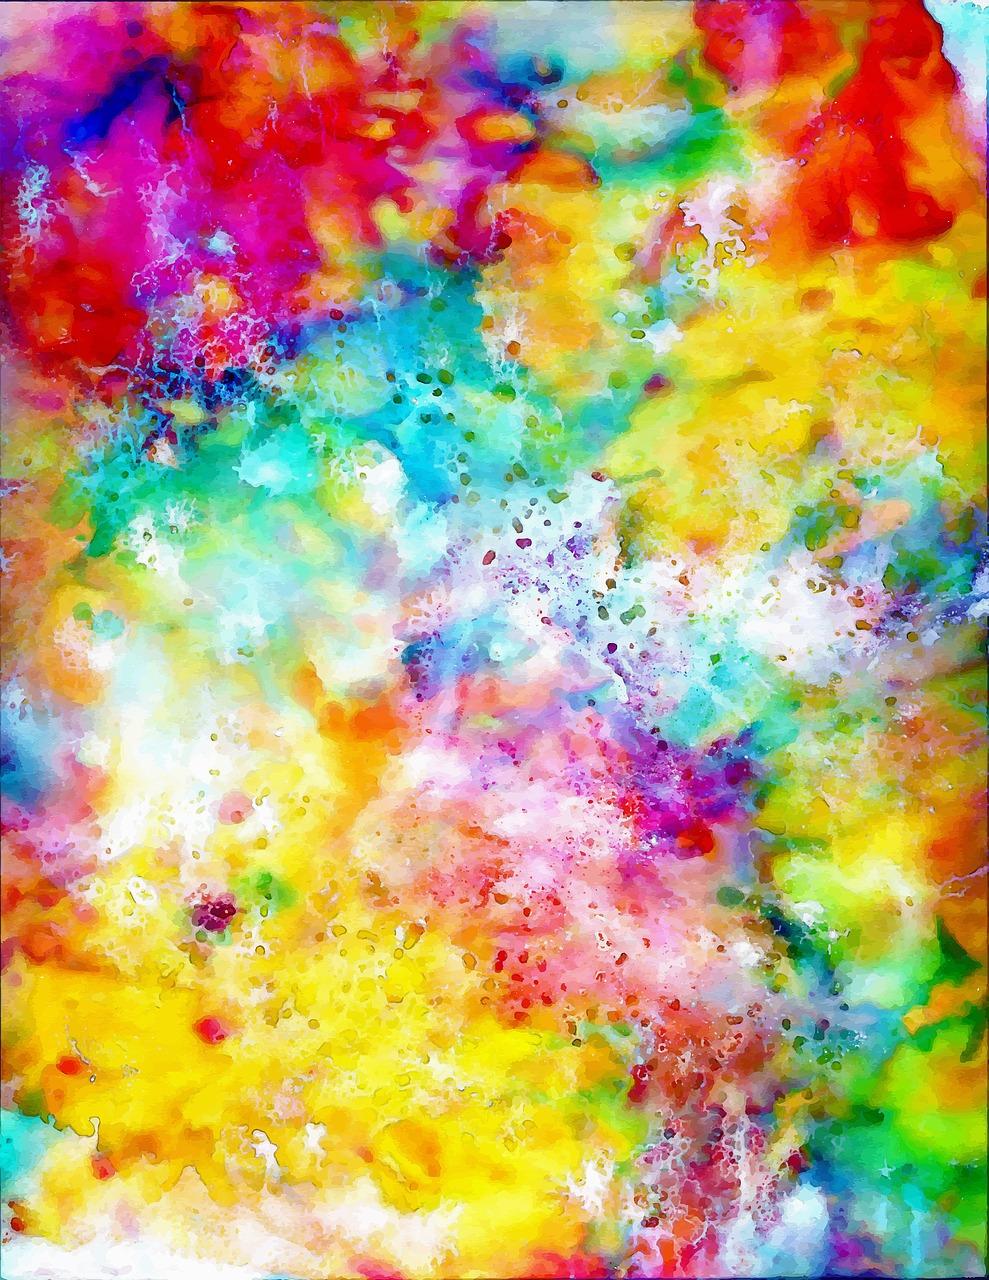 watercolor-3305533_1280